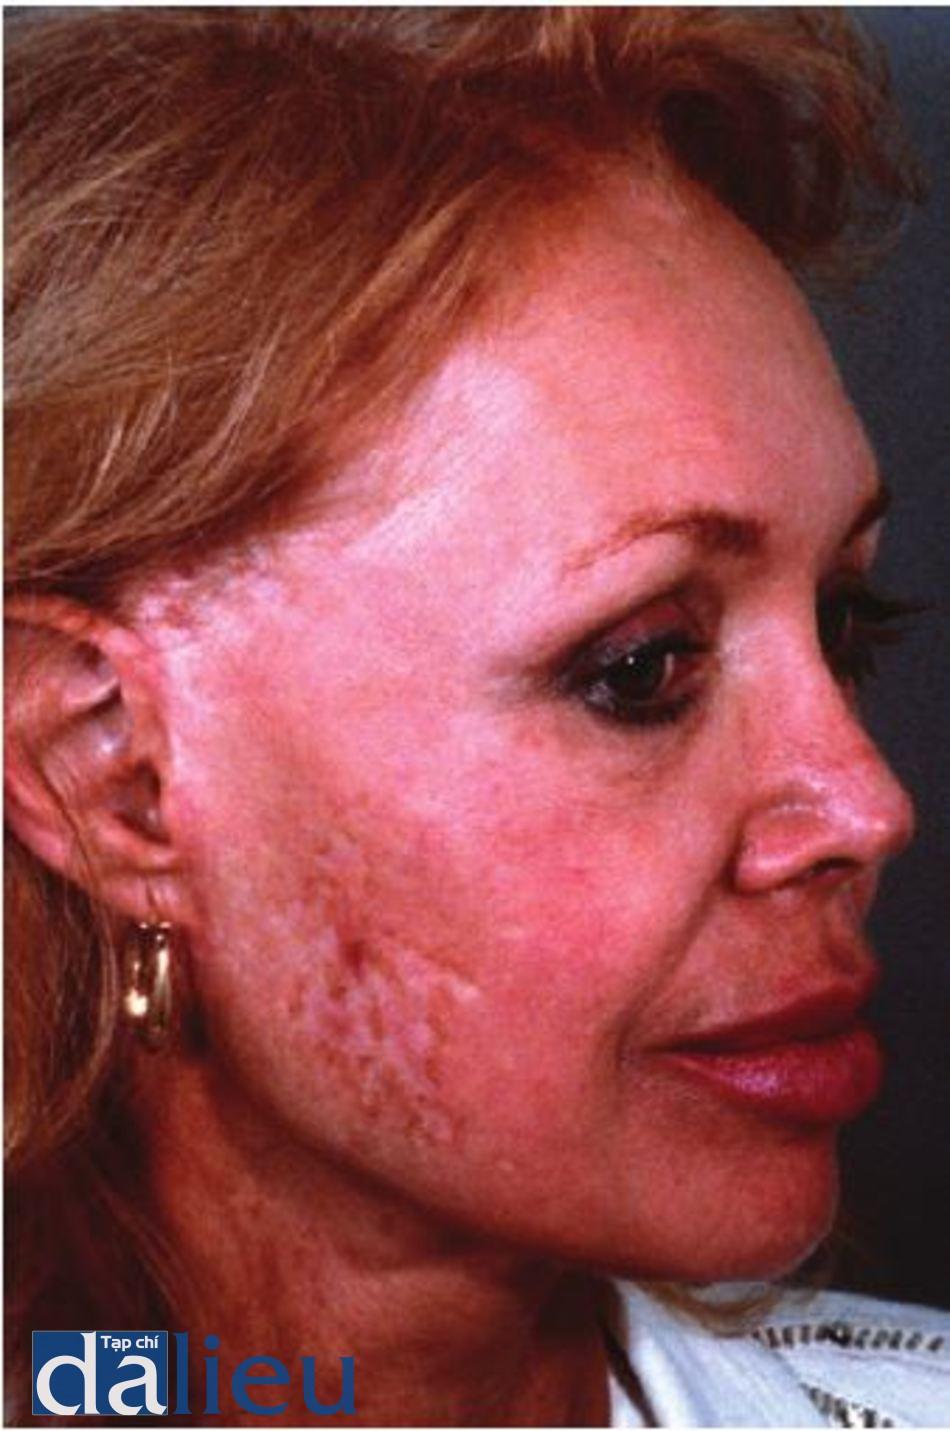 Hình 11.18 Bệnh nhân bị hoại tử và da bong tróc sau quá trình căng da mặt dẫn đến sẹo. Nhận thấy xơ hóa và mất sắc tô' trong khu vực hoại tử sau khi chữa lành